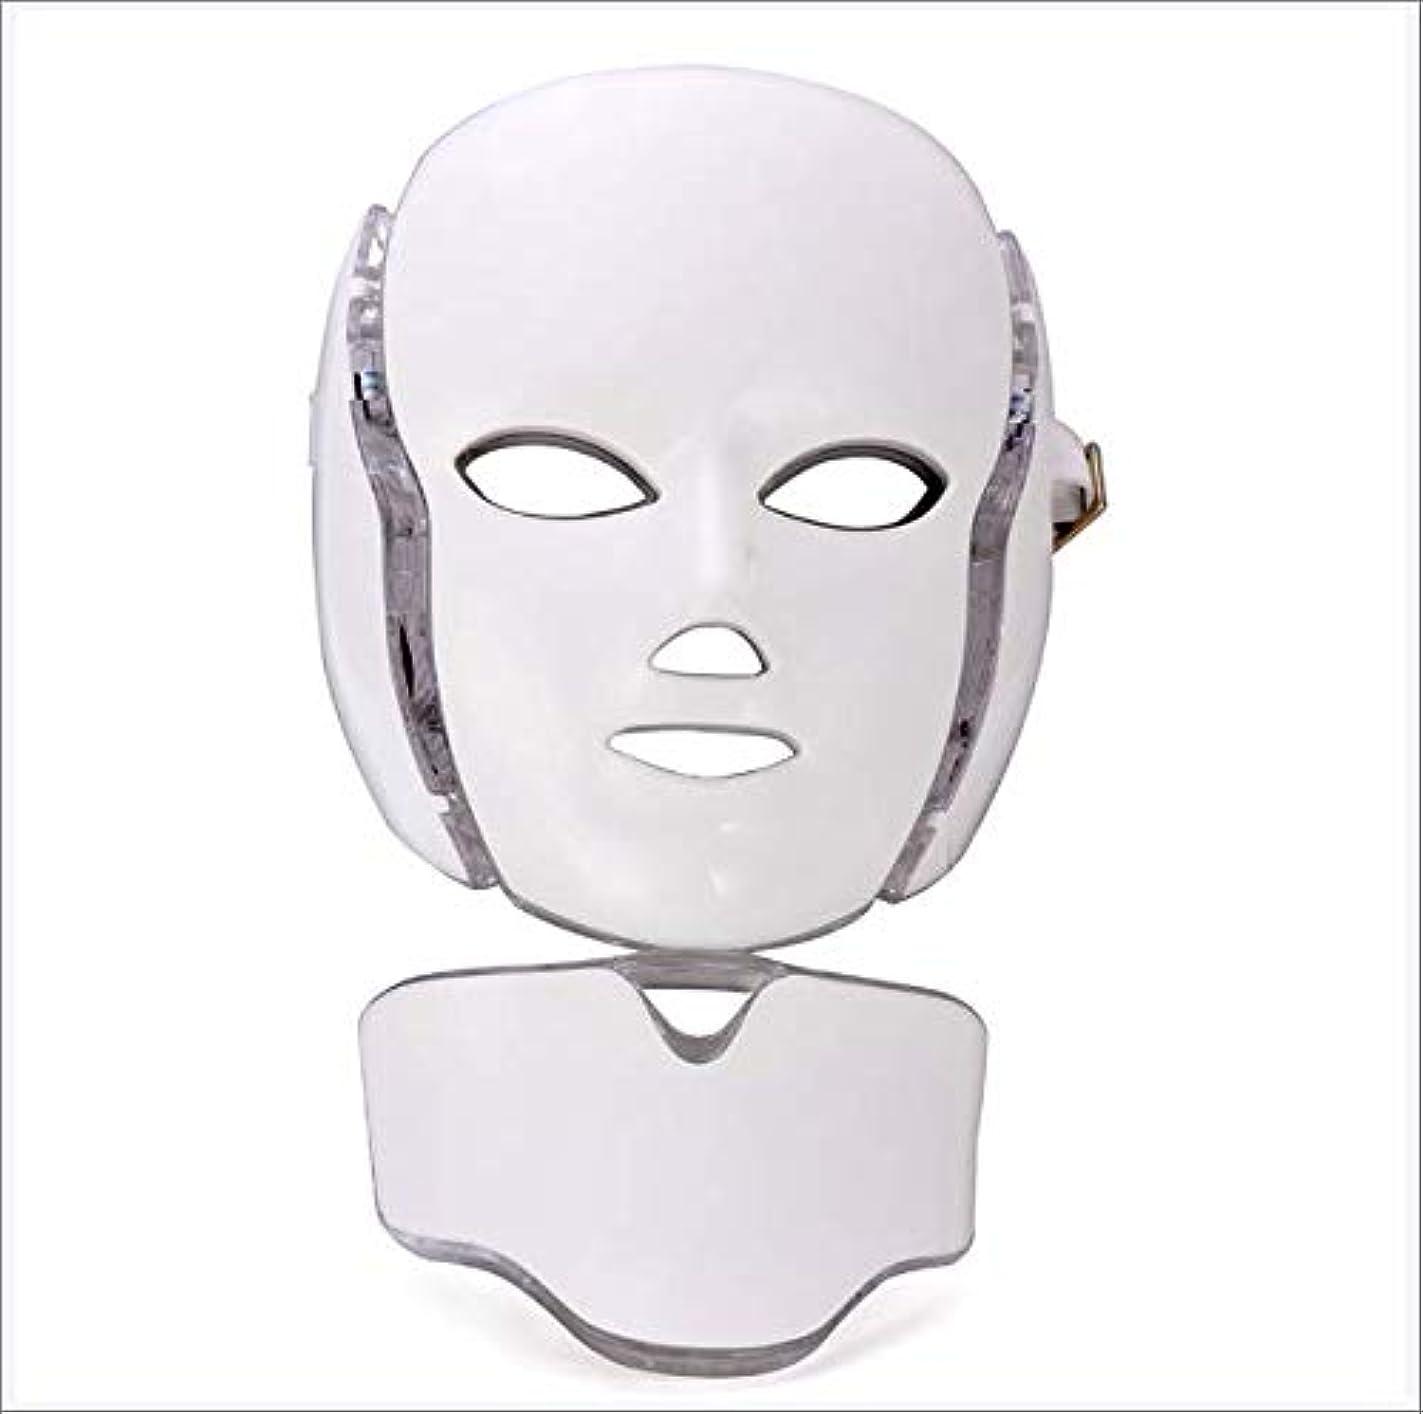 腐敗したラメ特派員LEDフェイスマスク7色光療法マスクコラーゲン、LED光線療法美容器具、首カバースーツ付き皮膚締め付け器具